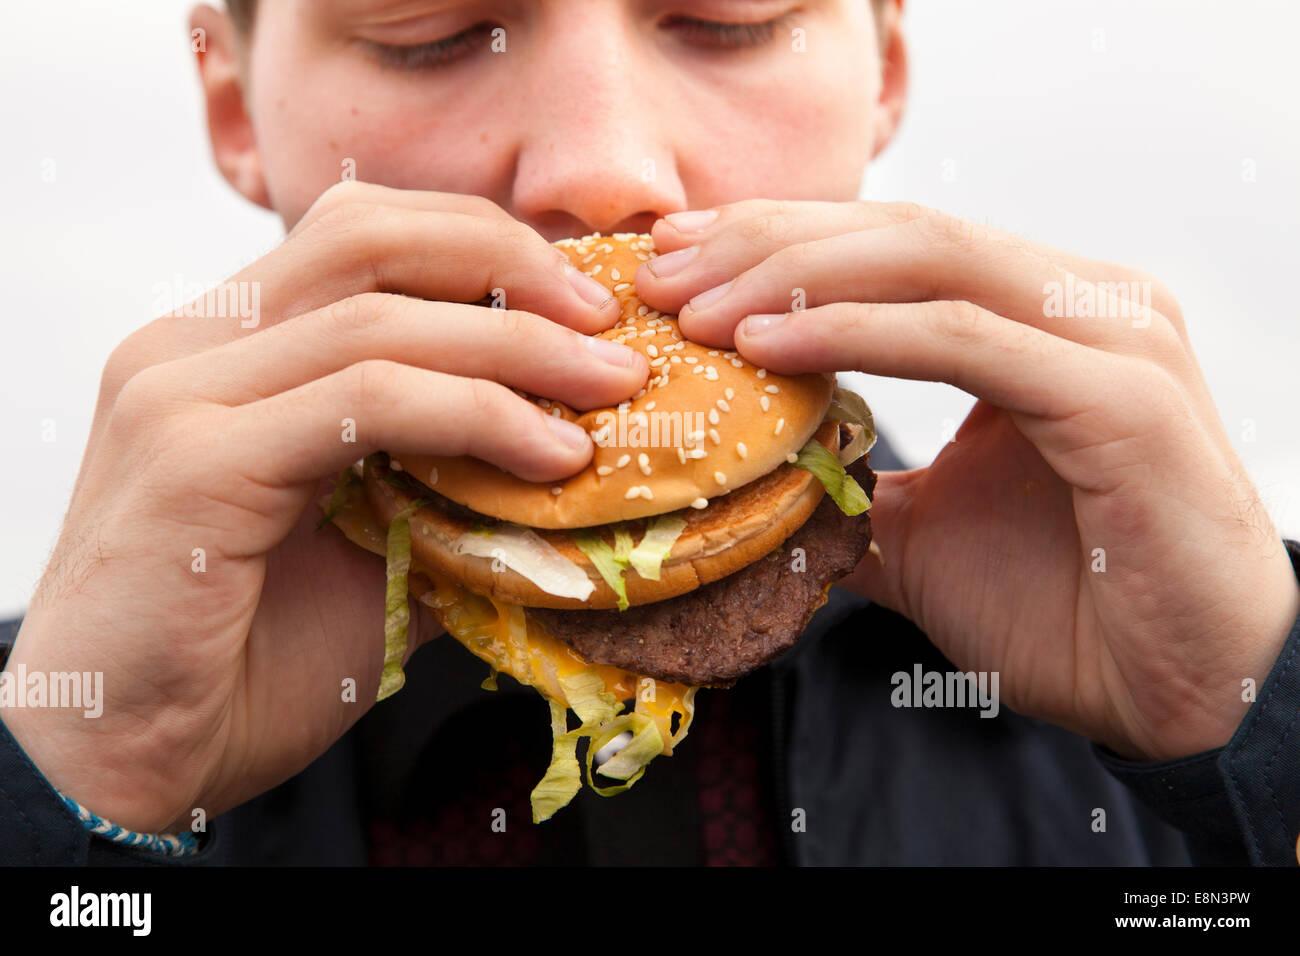 A teenager eating a McDonald's Big Mac burger. Stock Photo